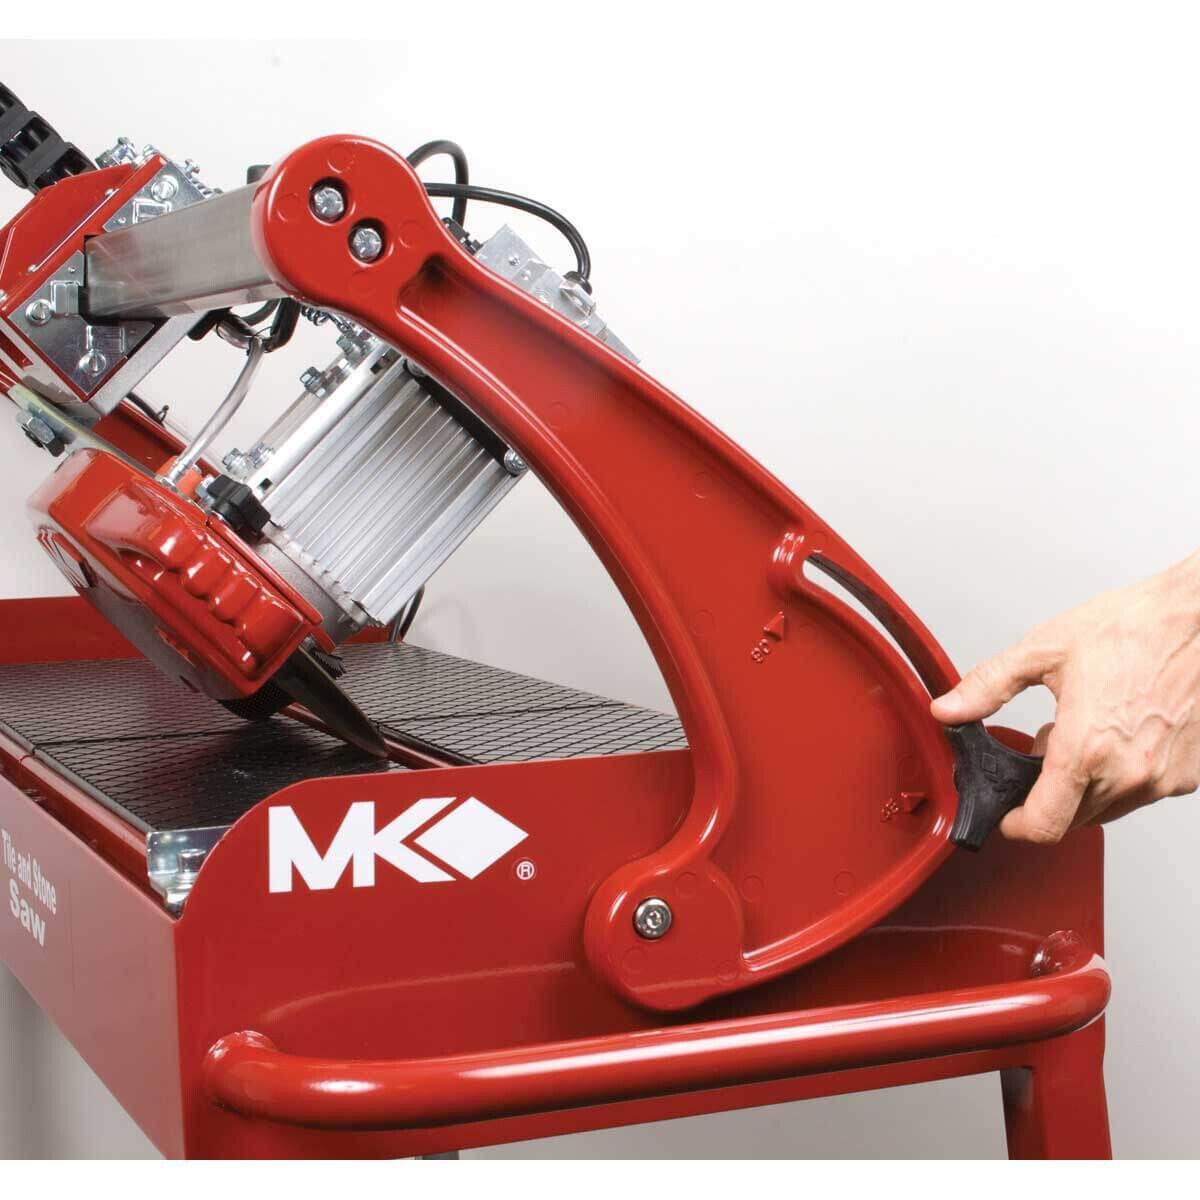 mk 212 wet saw miter cut